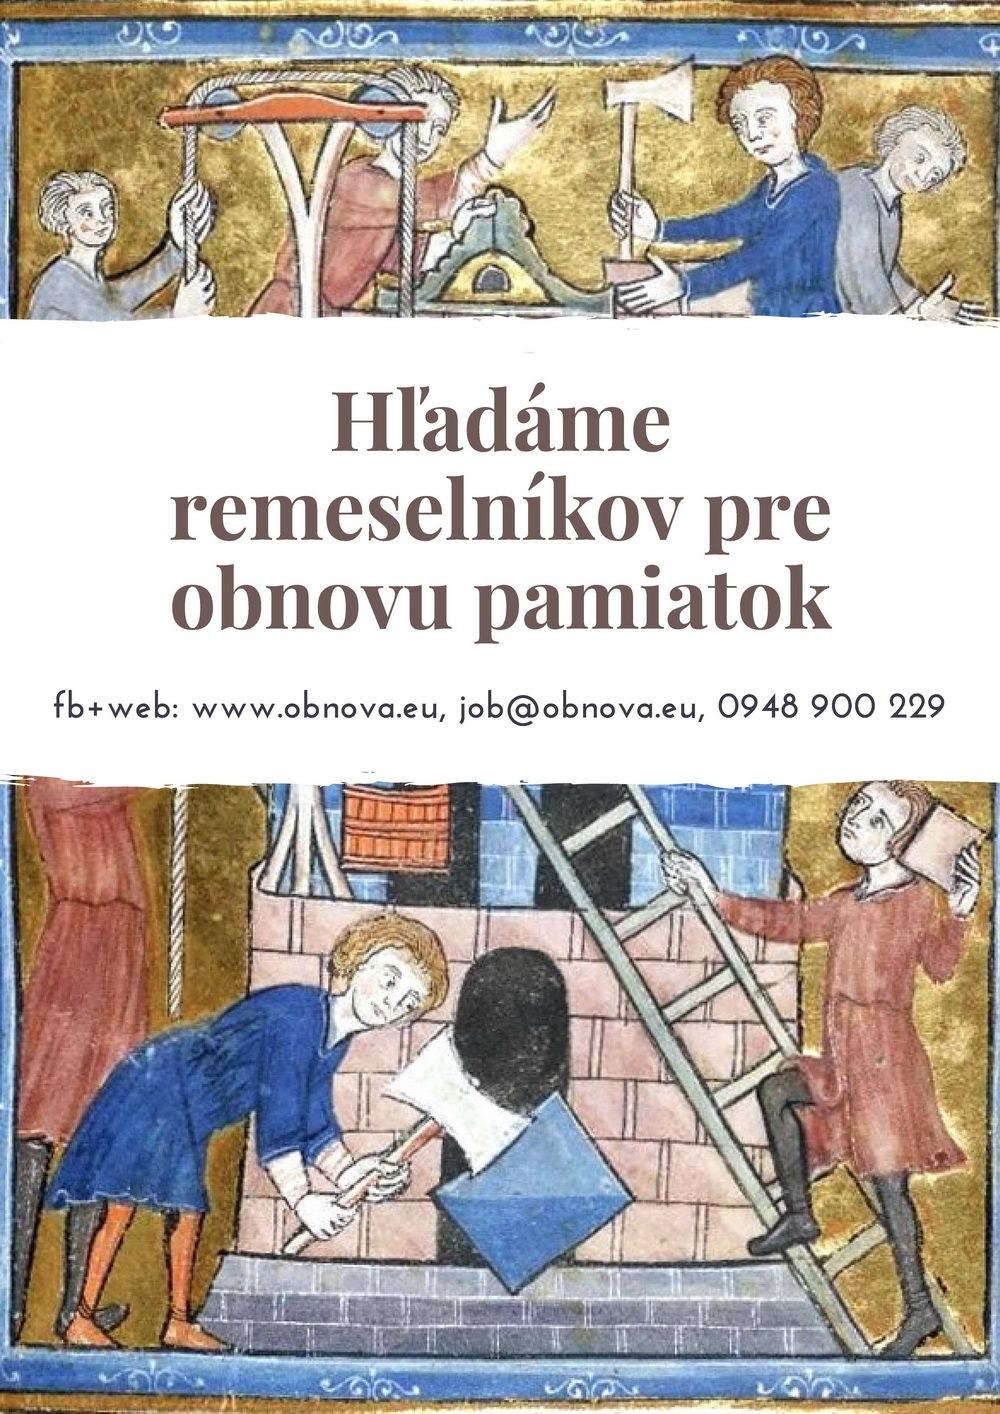 Voľné pracovné pozície v Obnove